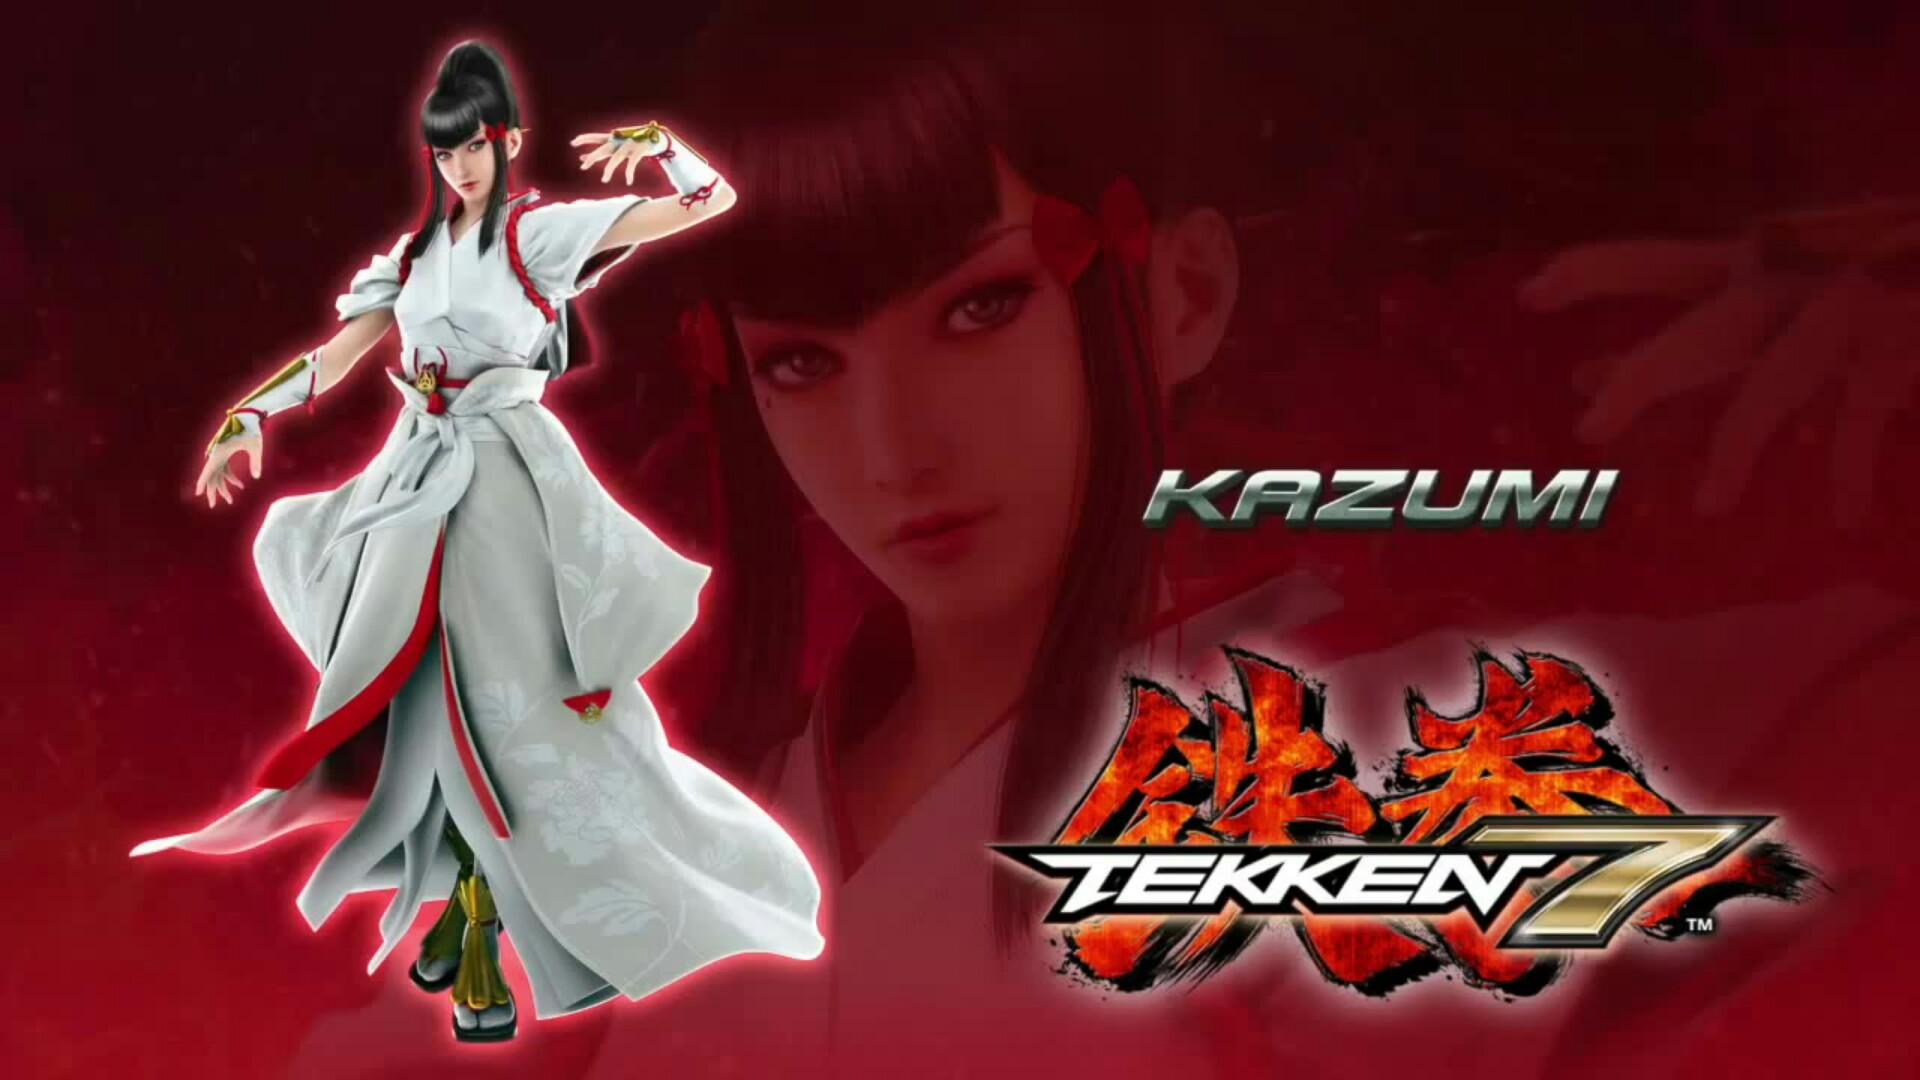 Tekken 7 Kazumi Ps4wallpapers Com